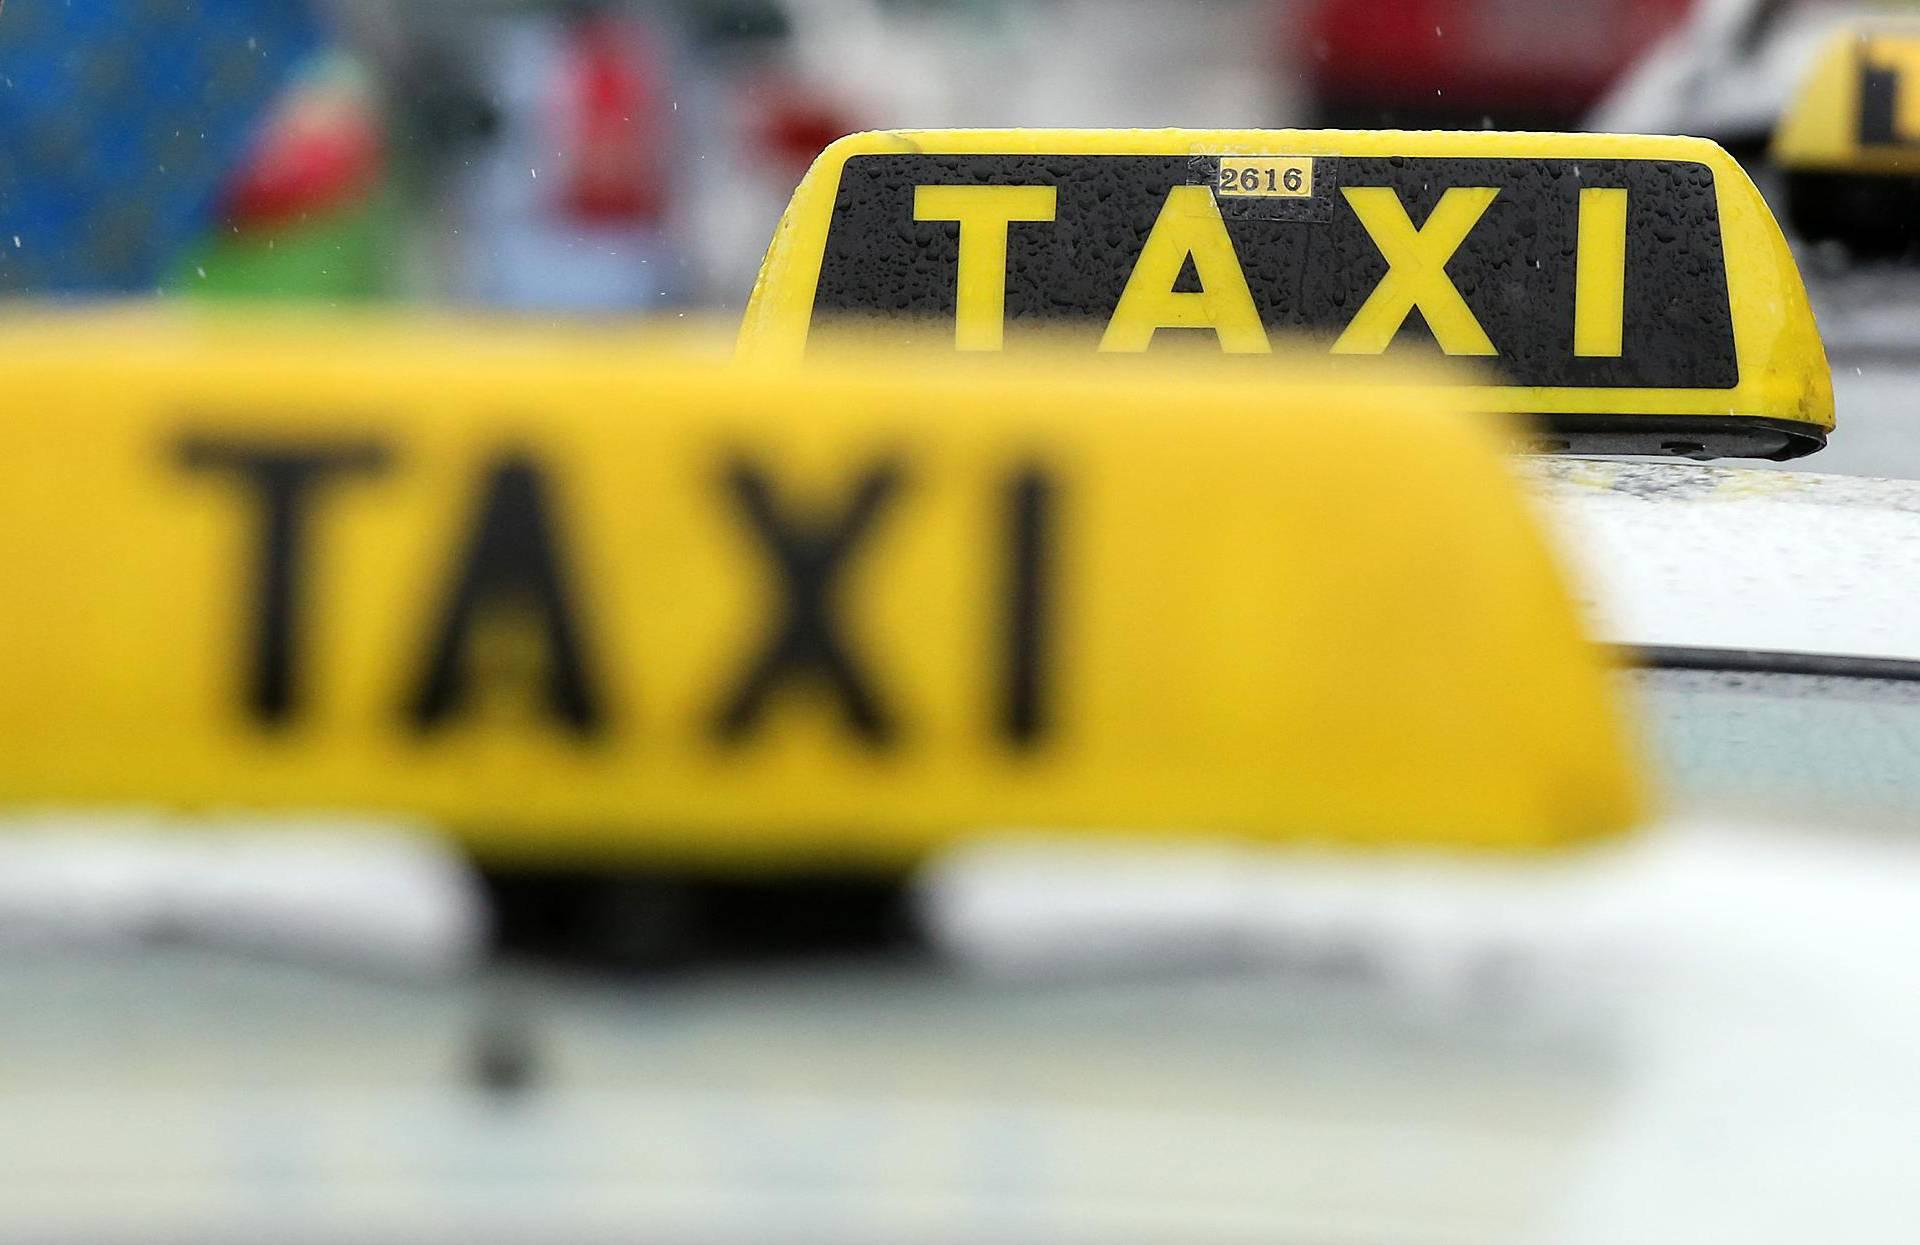 'Sveta' pravila ponašanja: Taxi u vrijeme pandemije COVID-19